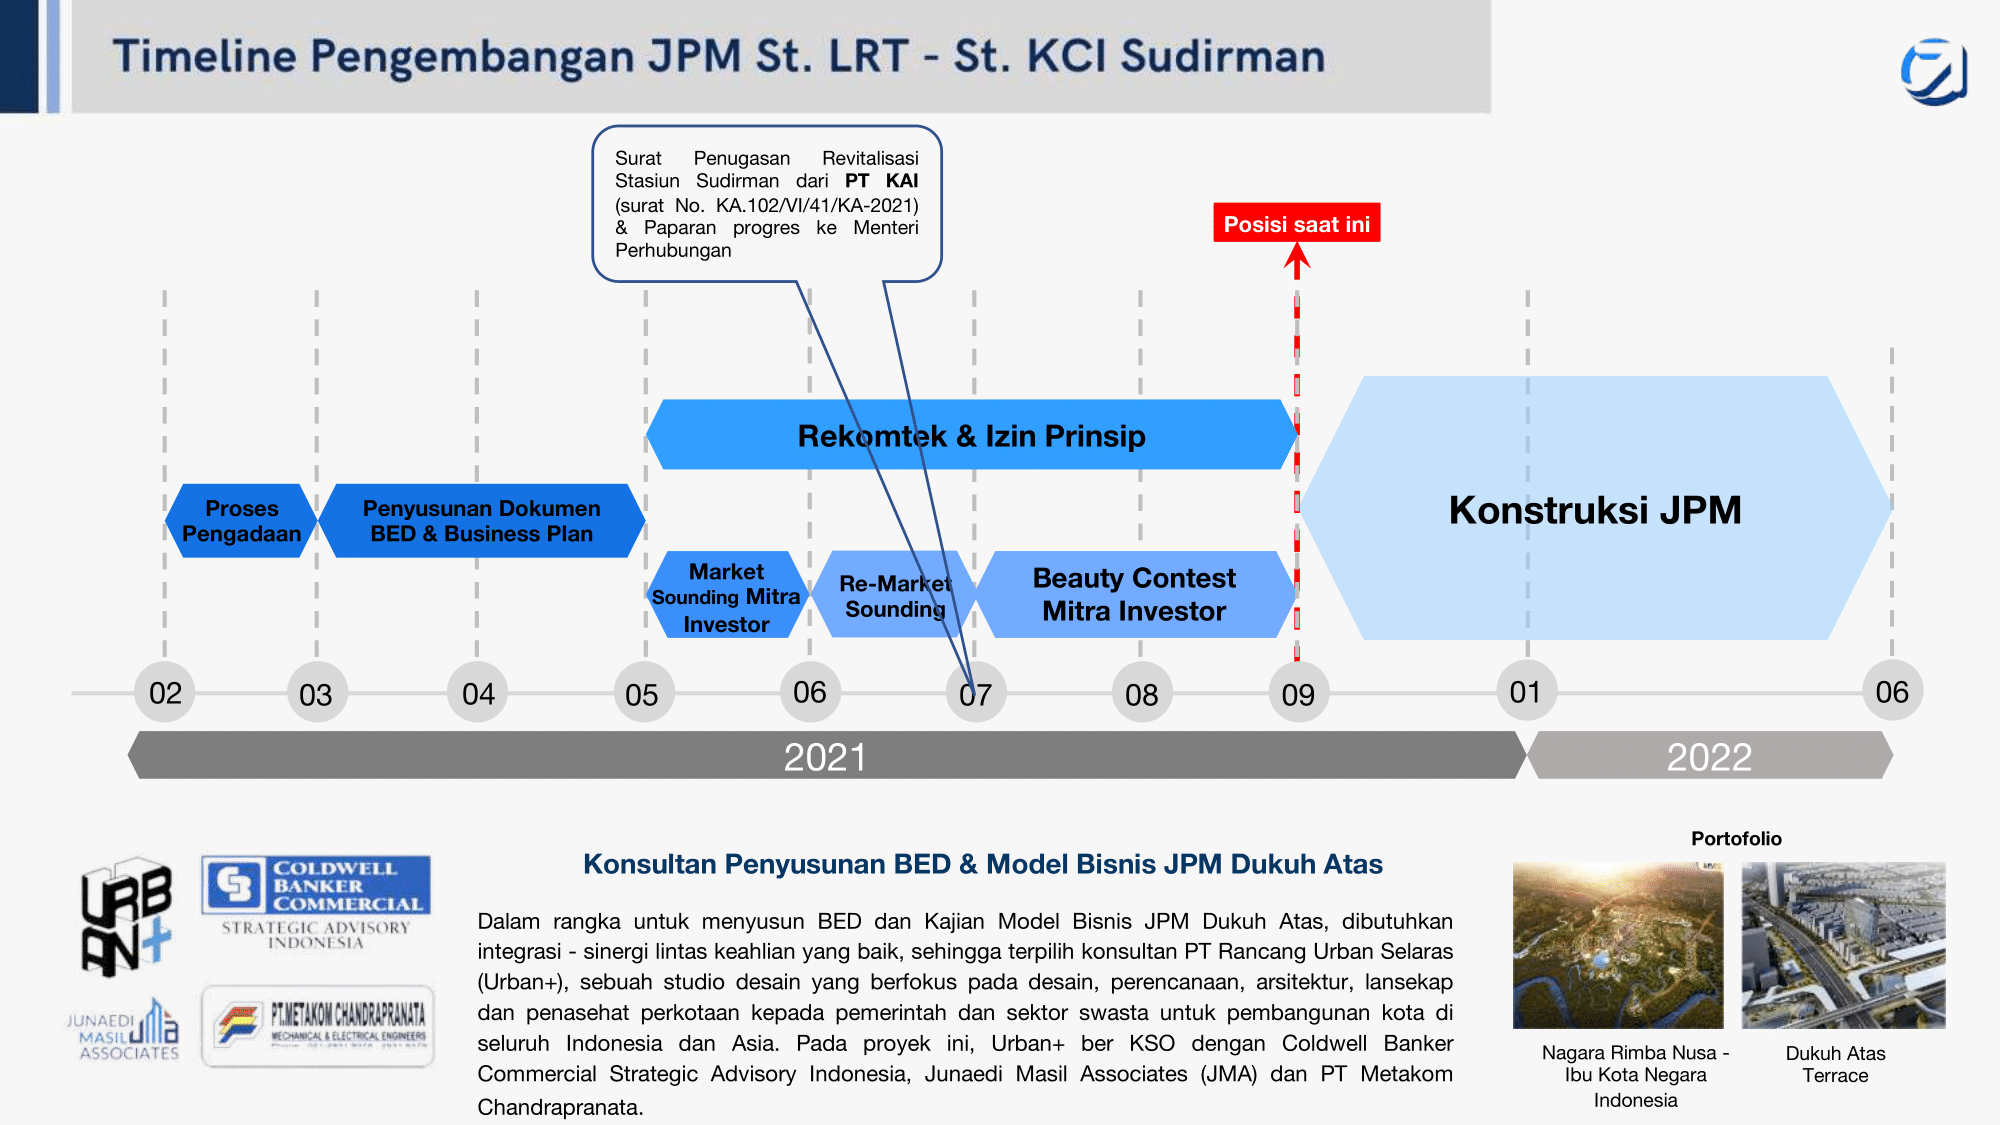 Timeline JPM